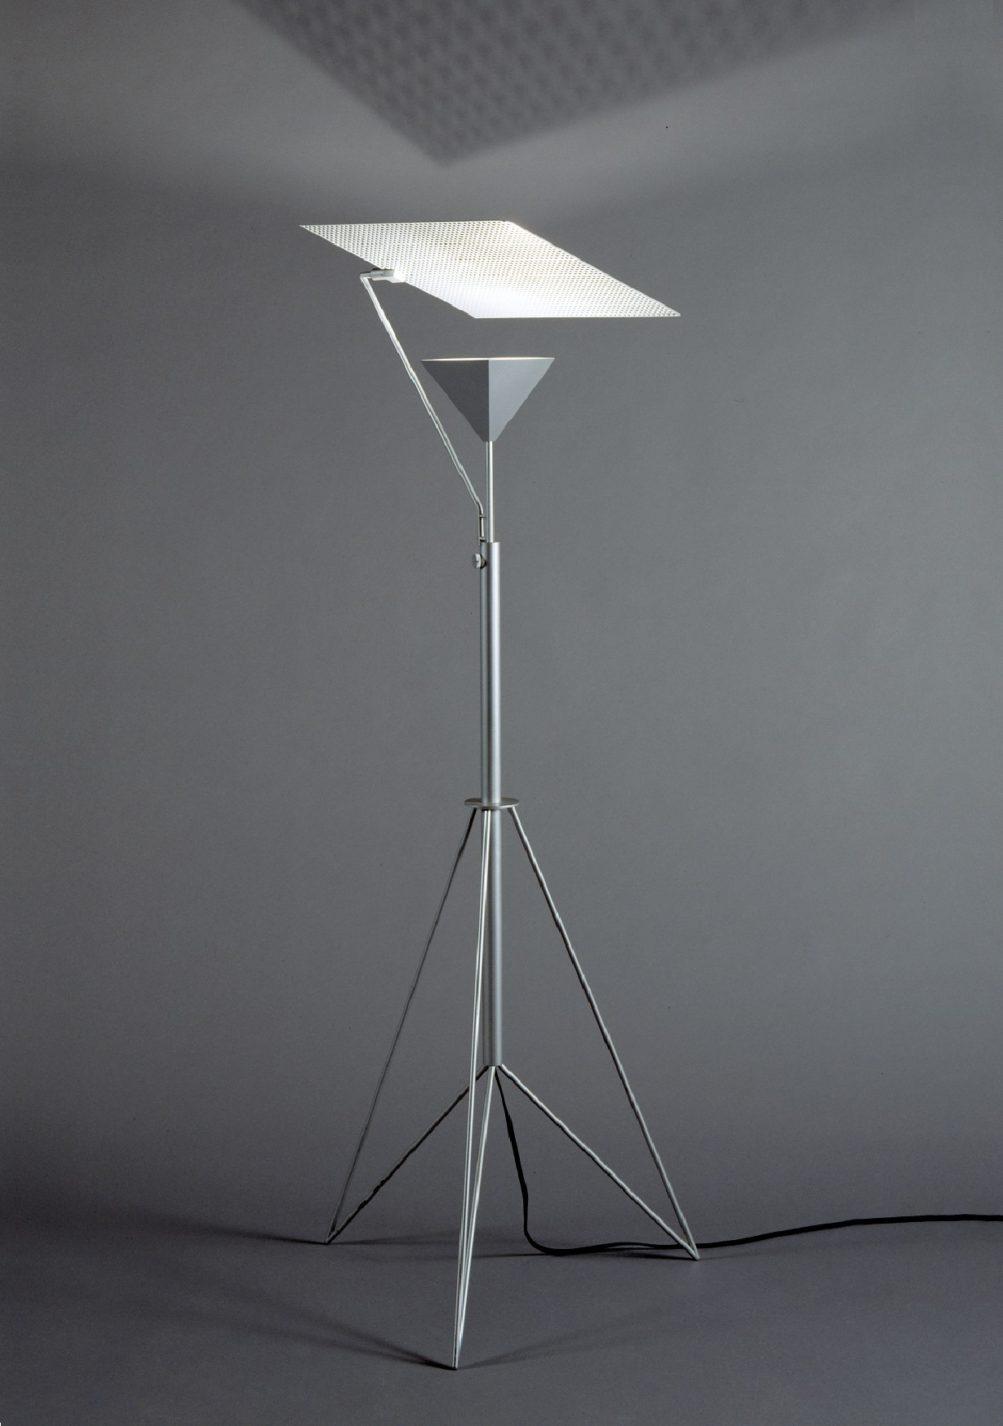 Lampadaire à tige d'aluminium avec trépied à angles et boîtier en pyramide inversée pour l'ampoule, surmonté d'un carré plat réflecteur de lumière.